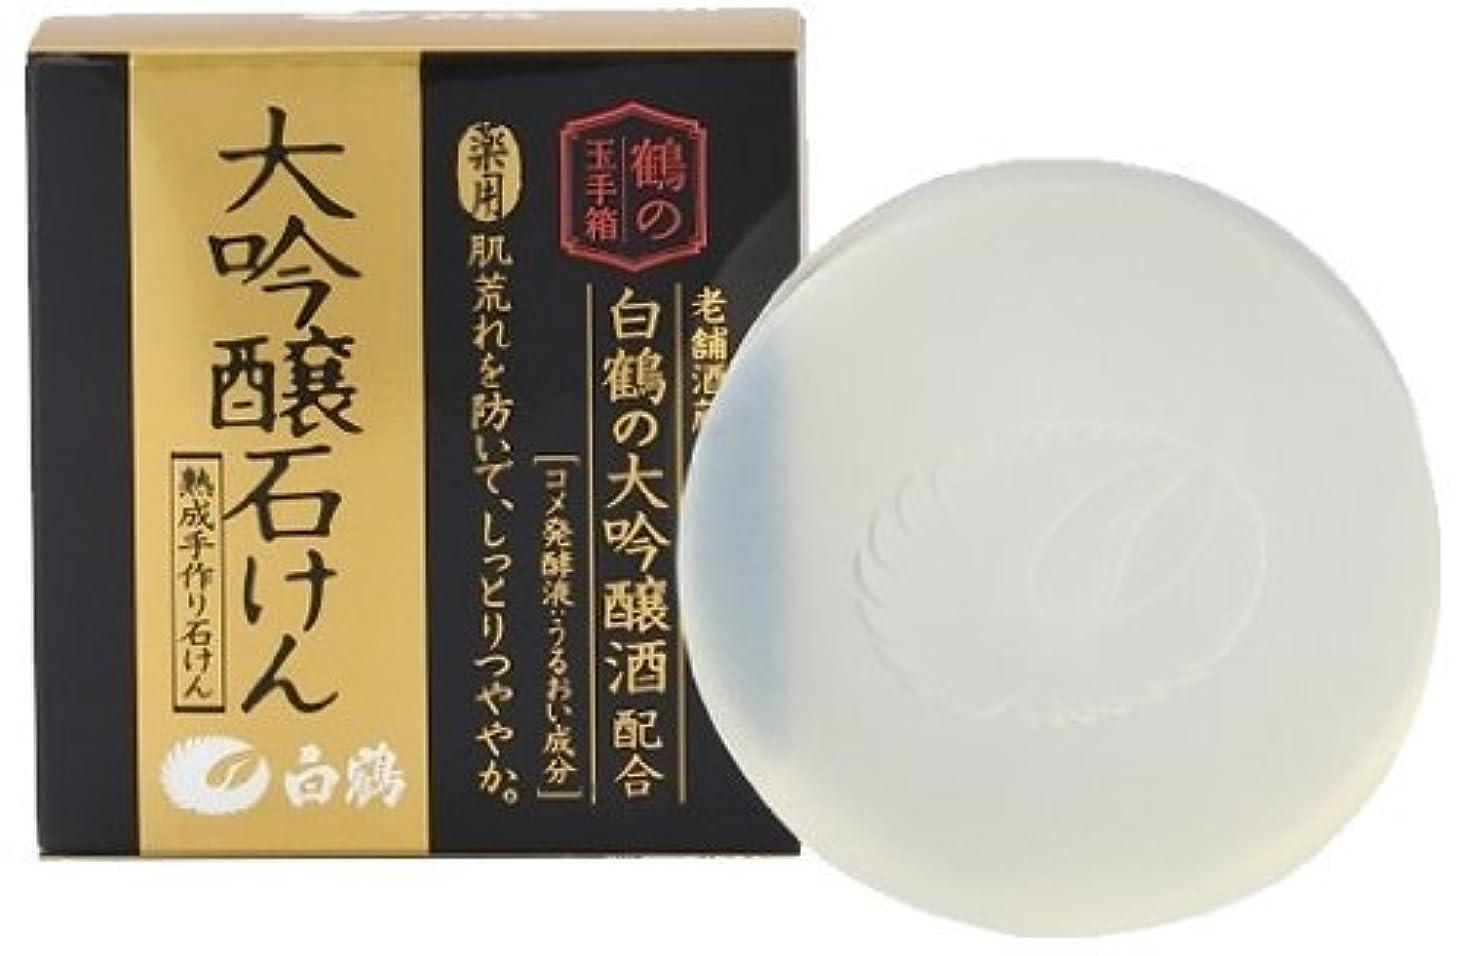 ビリー高尚な不透明な白鶴 鶴の玉手箱 大吟醸石けん 100g × 5個 (薬用)(医薬部外品)